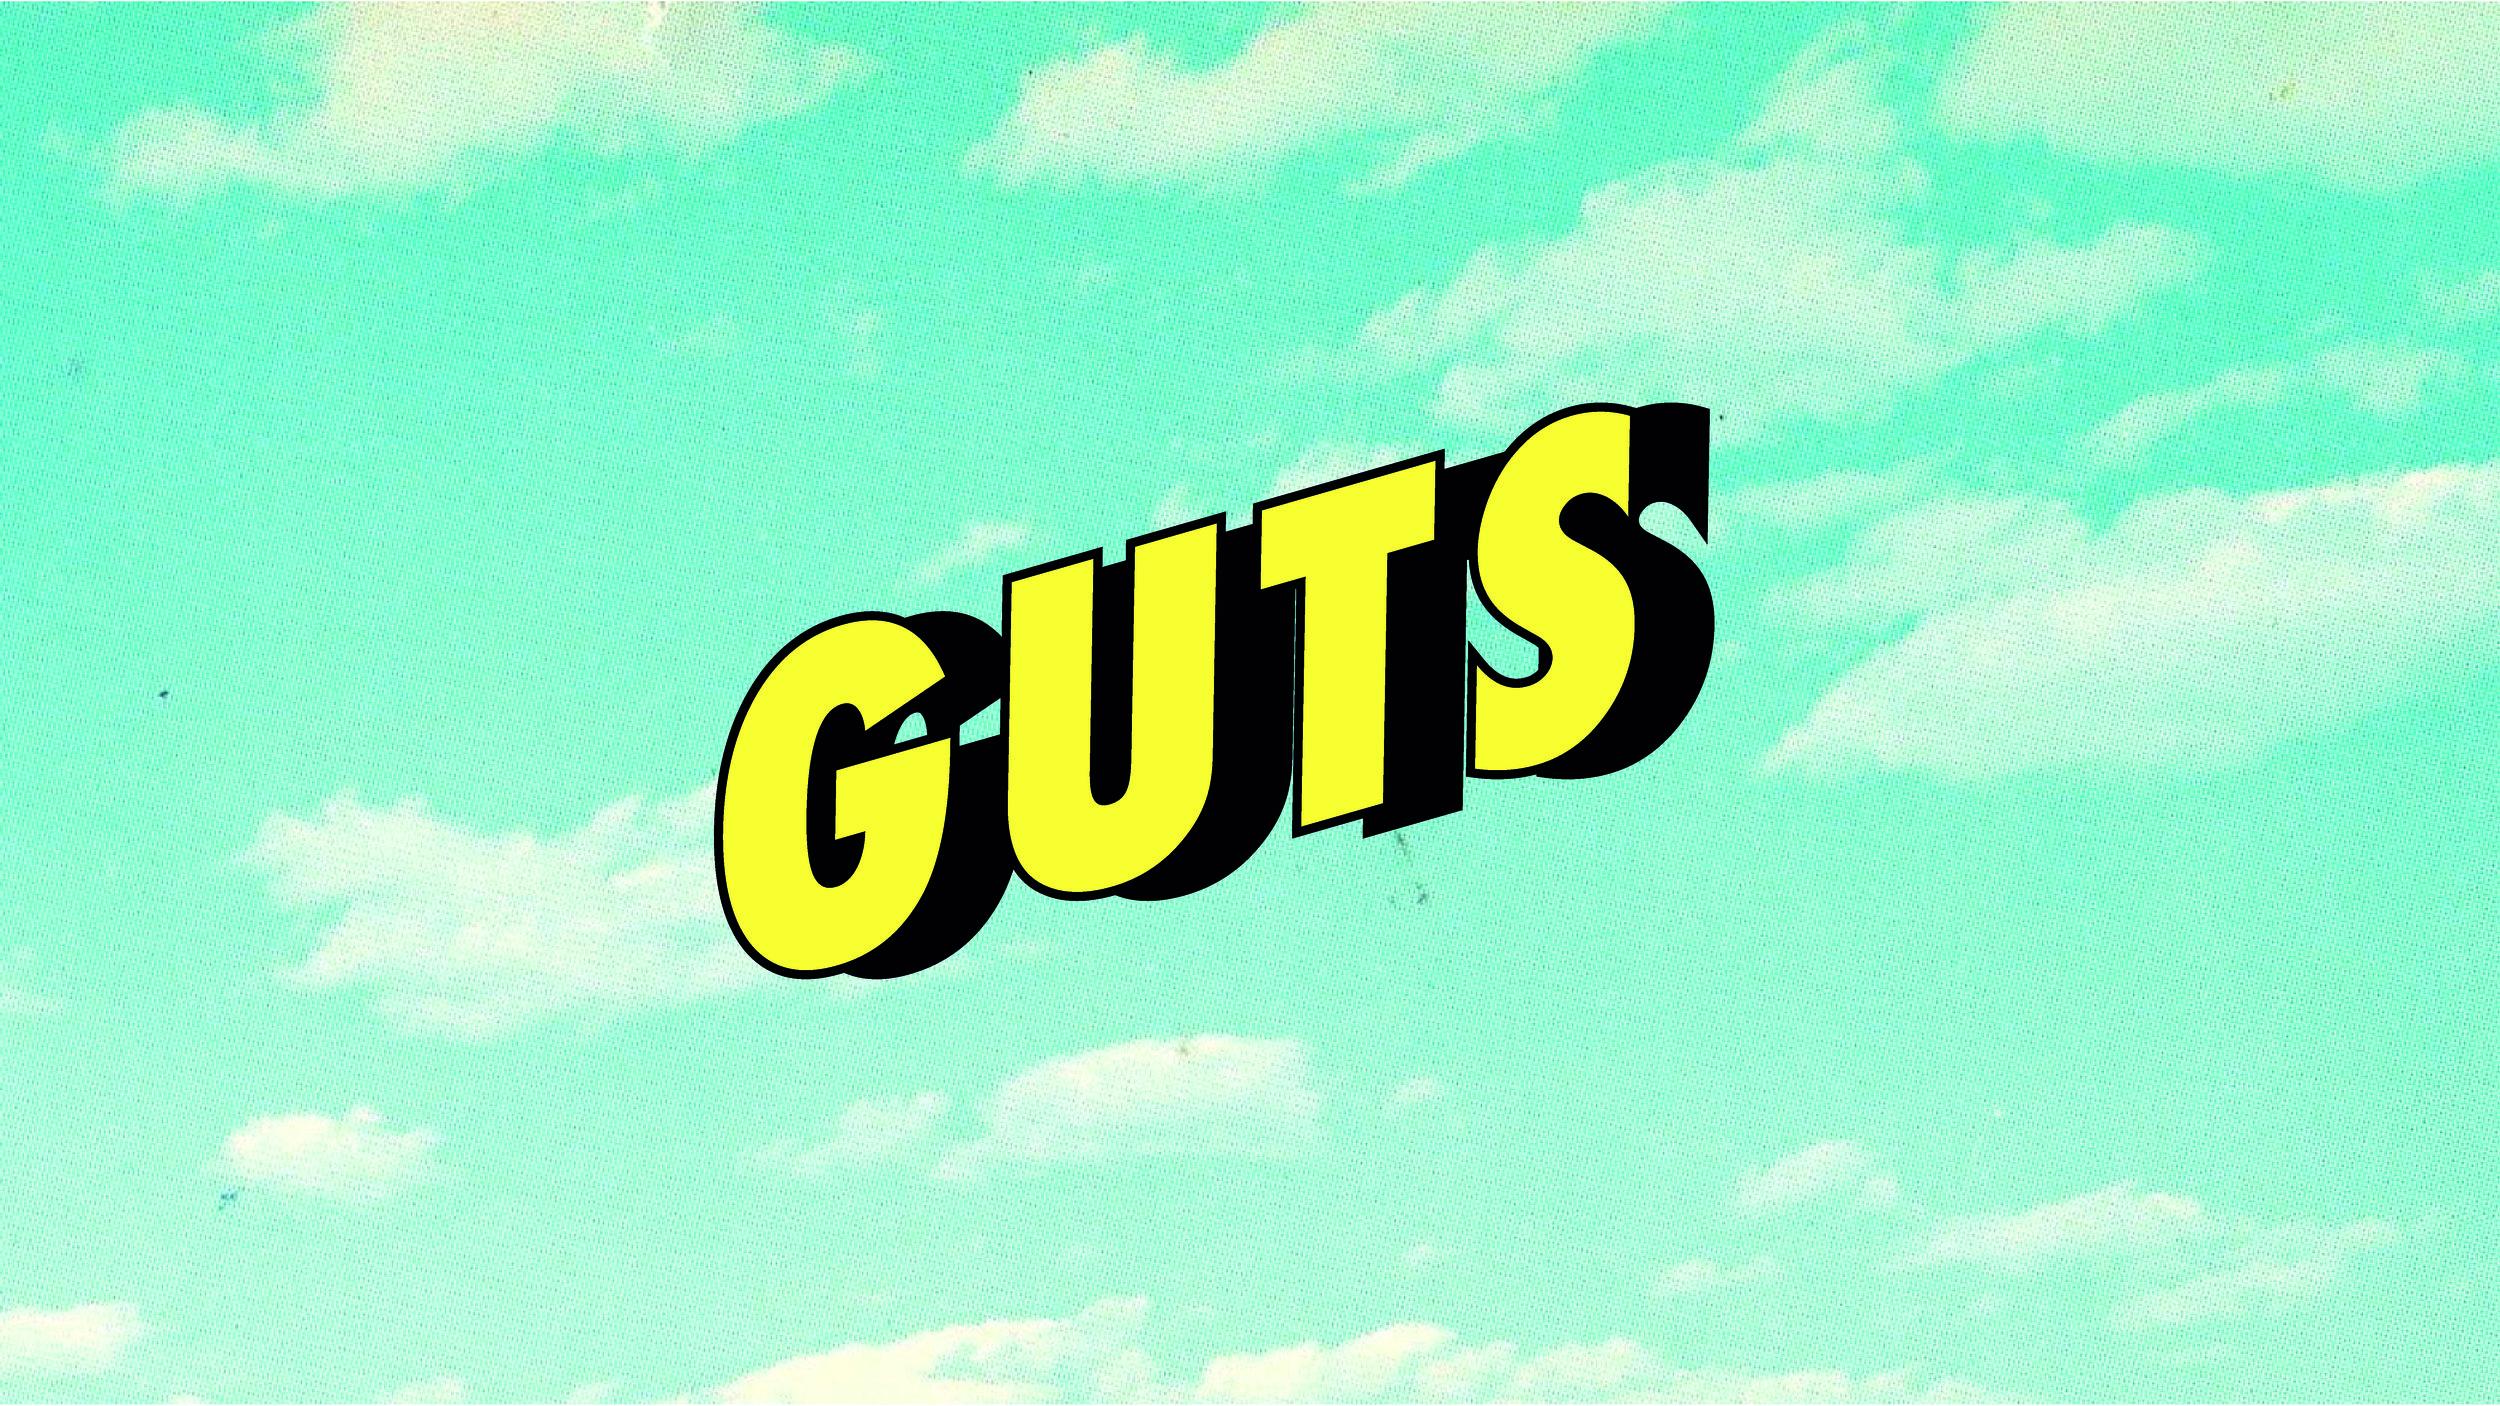 Banner_Facebook_Guts.jpg